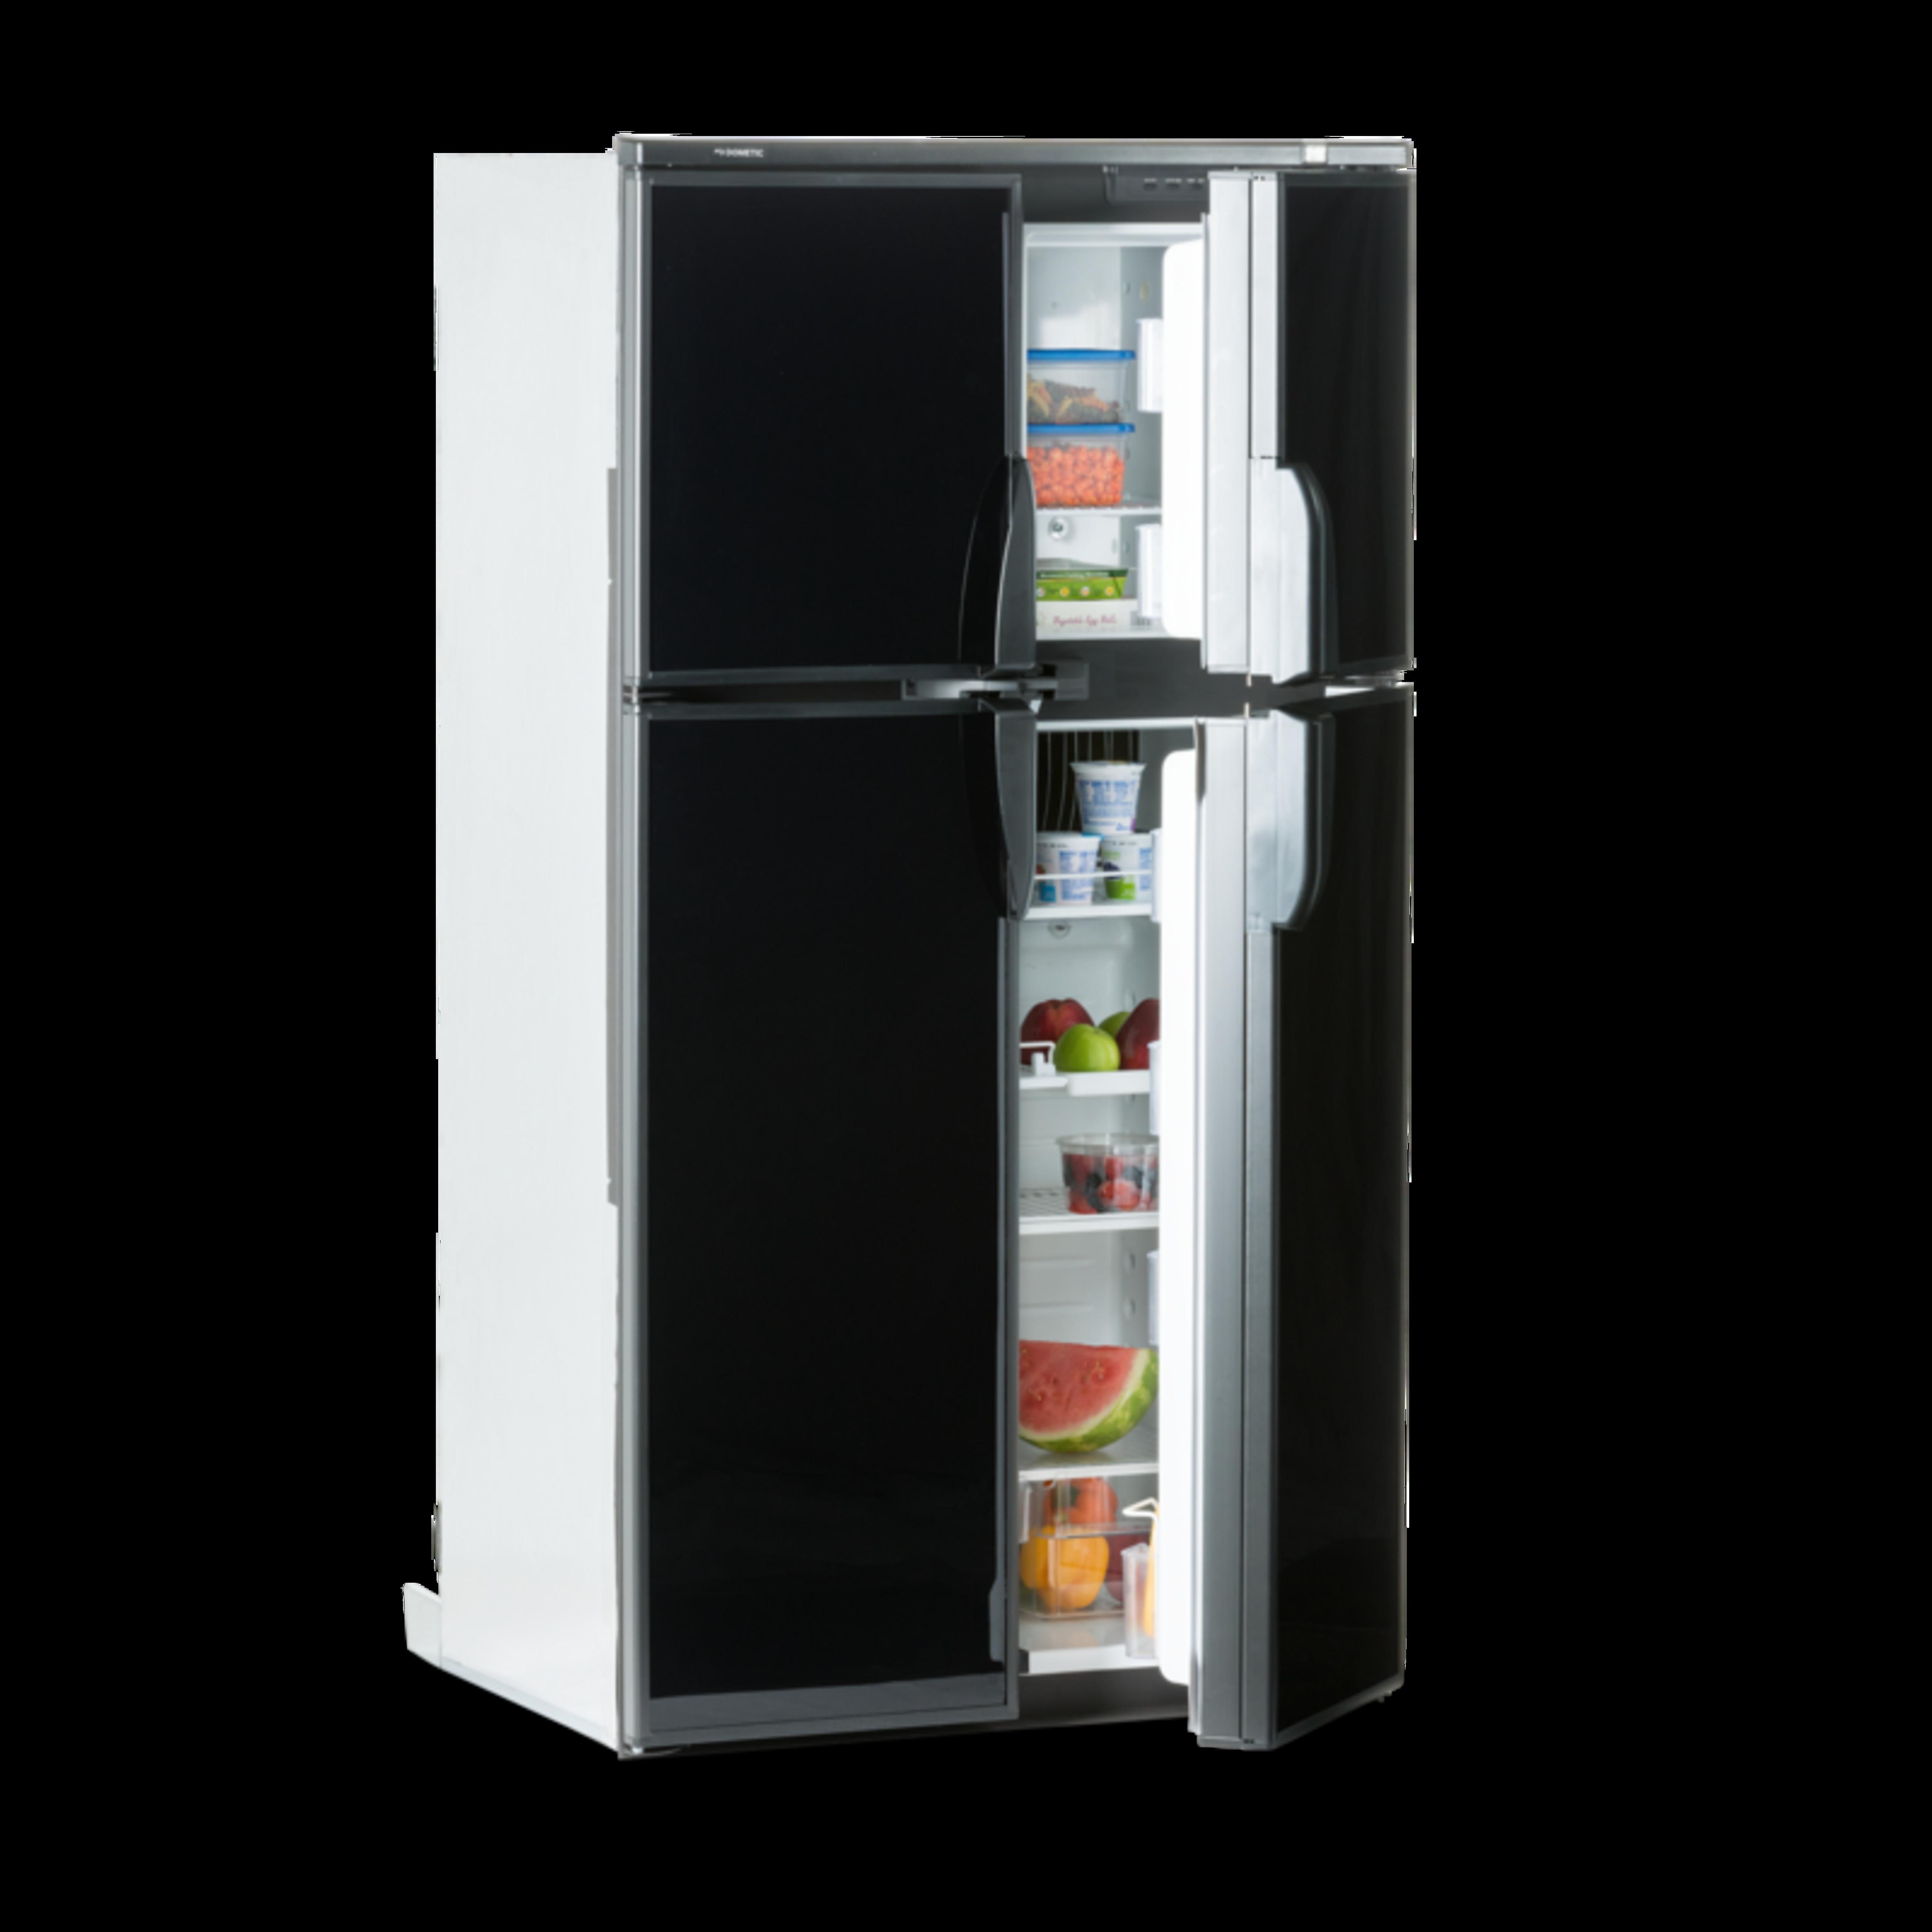 Dometic Elite 22 Dometicrhdometic: Dometic Rv Refrigerator Schematic At Cicentre.net